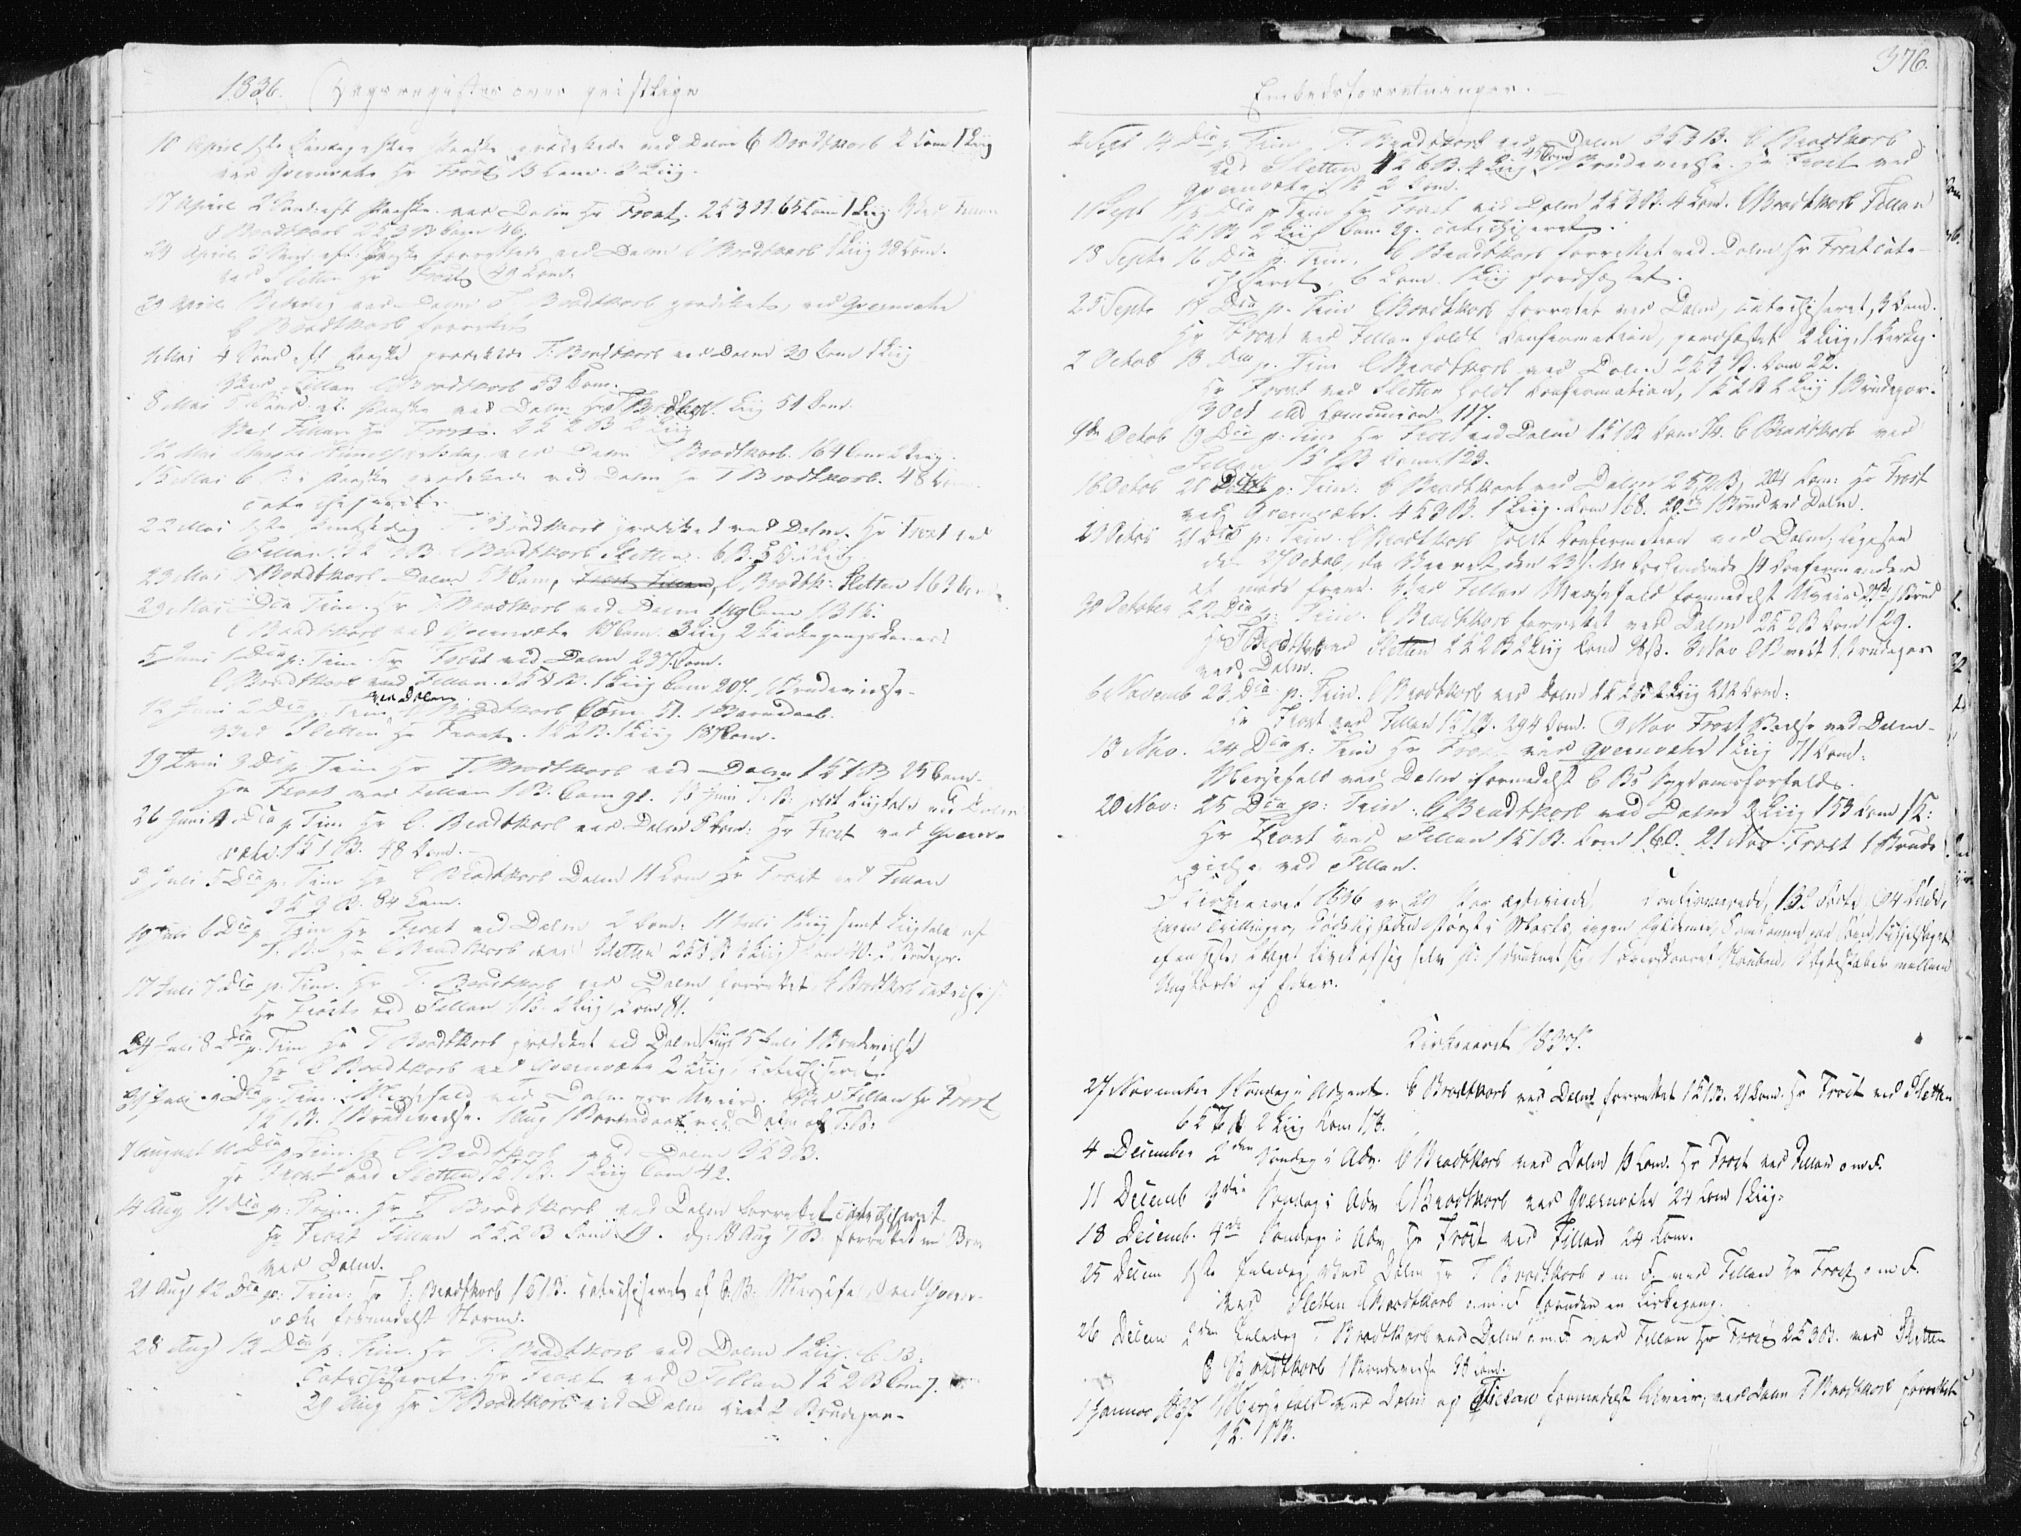 SAT, Ministerialprotokoller, klokkerbøker og fødselsregistre - Sør-Trøndelag, 634/L0528: Ministerialbok nr. 634A04, 1827-1842, s. 376